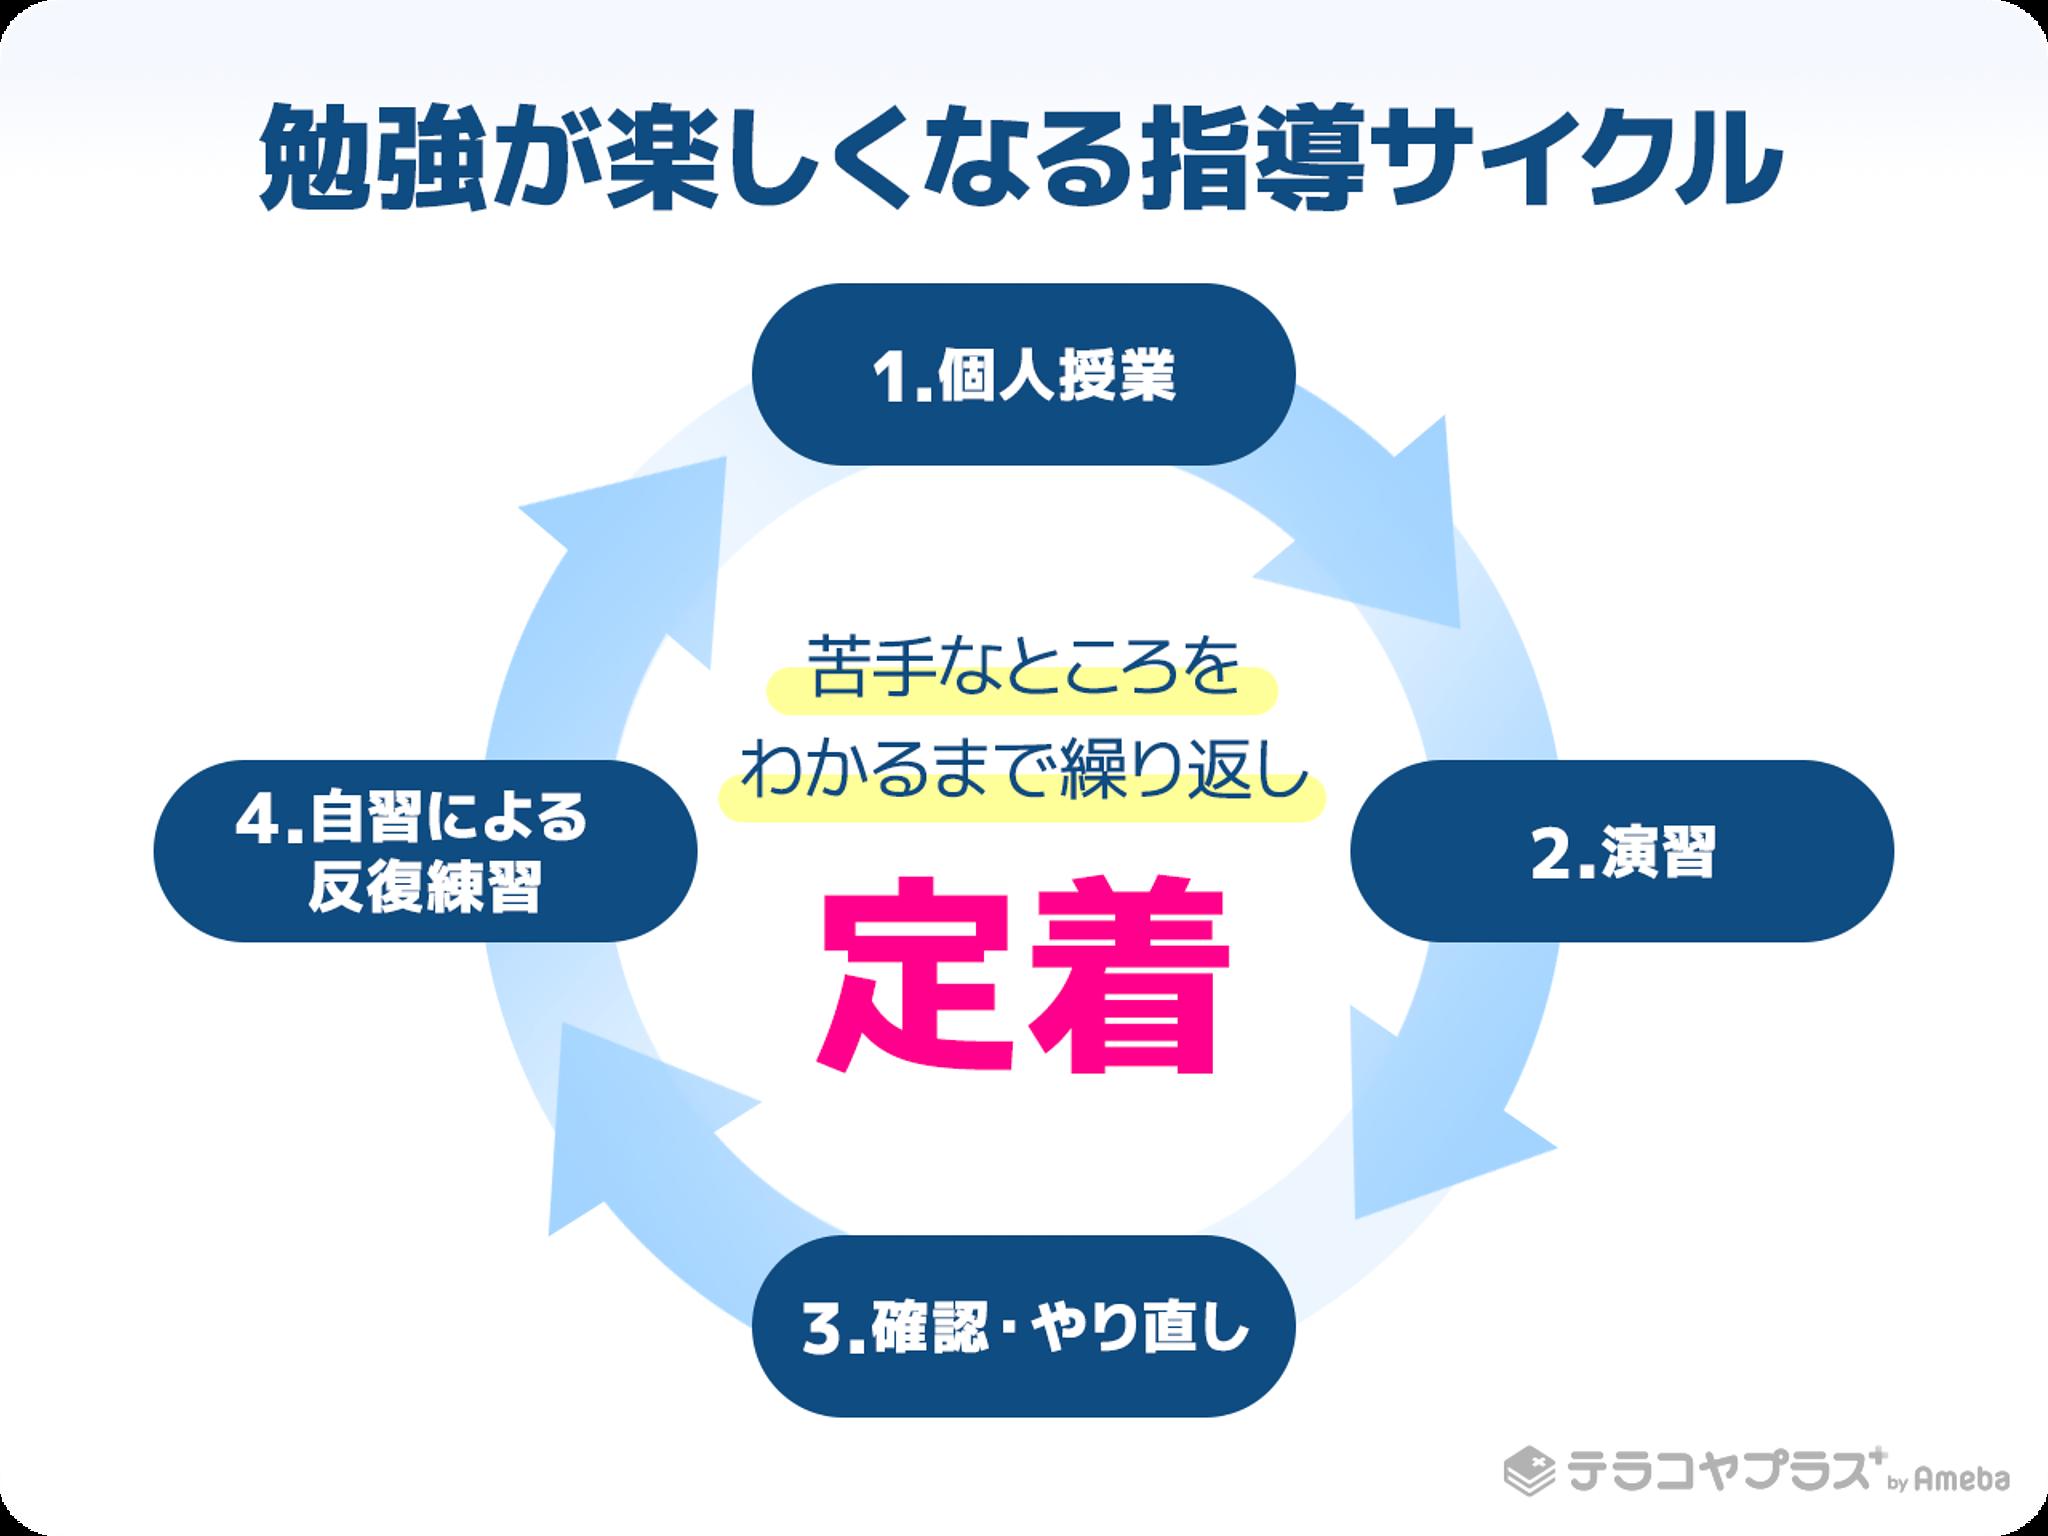 勉強が楽しくなる指導サイクルの説明図